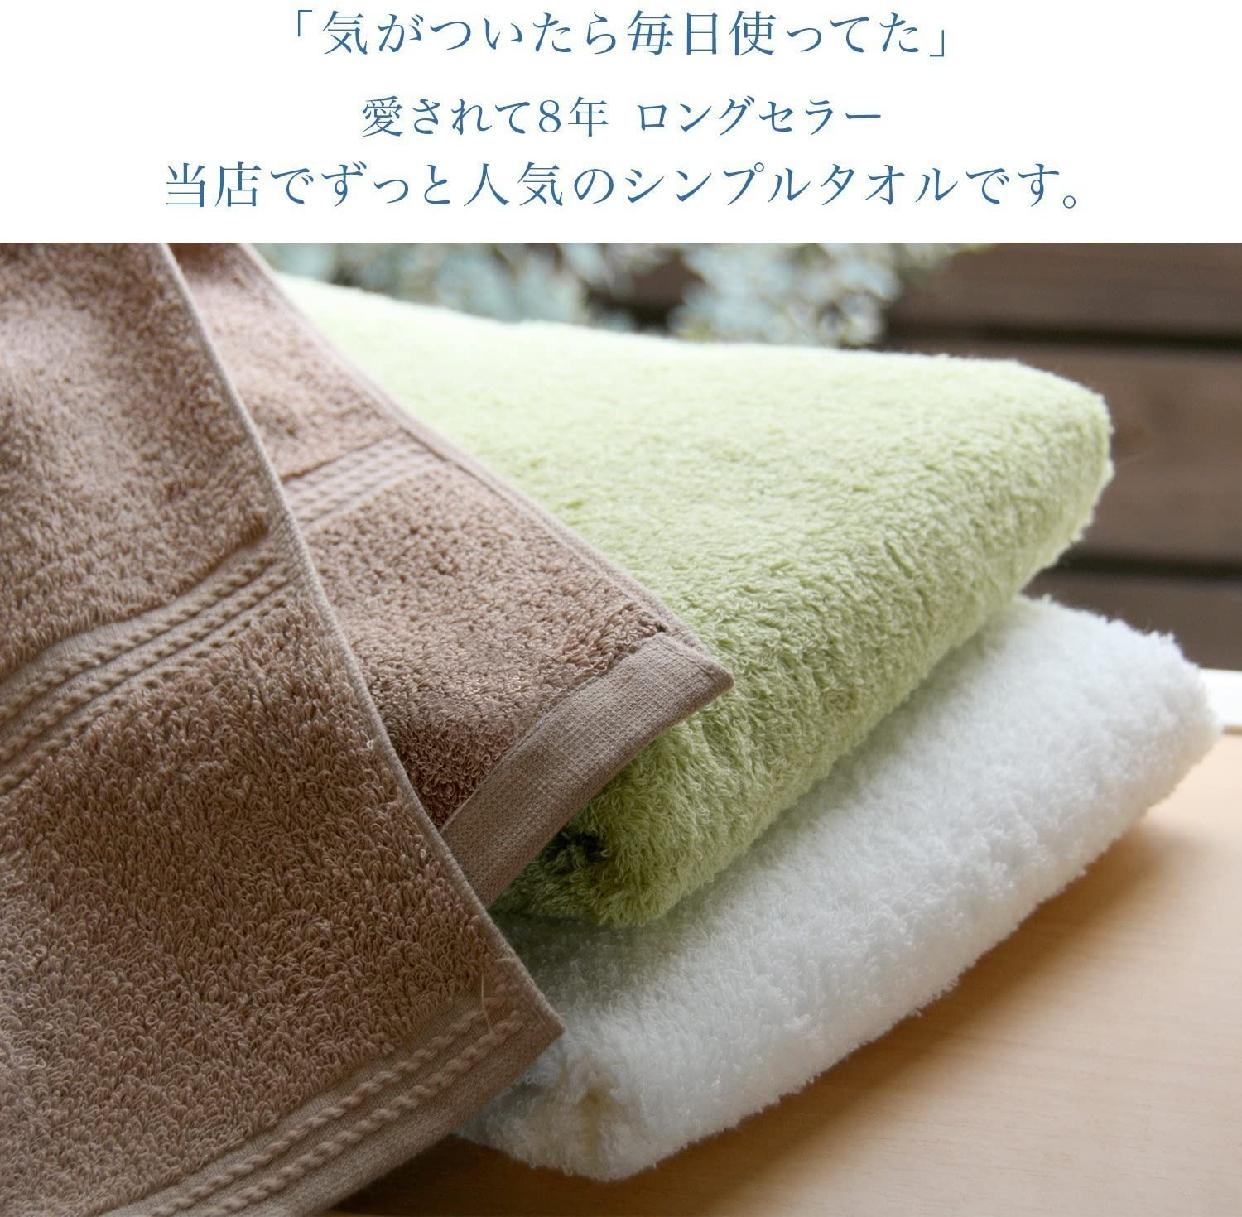 hiorie(ヒオリエ) デイリータオル バスタオルの商品画像3